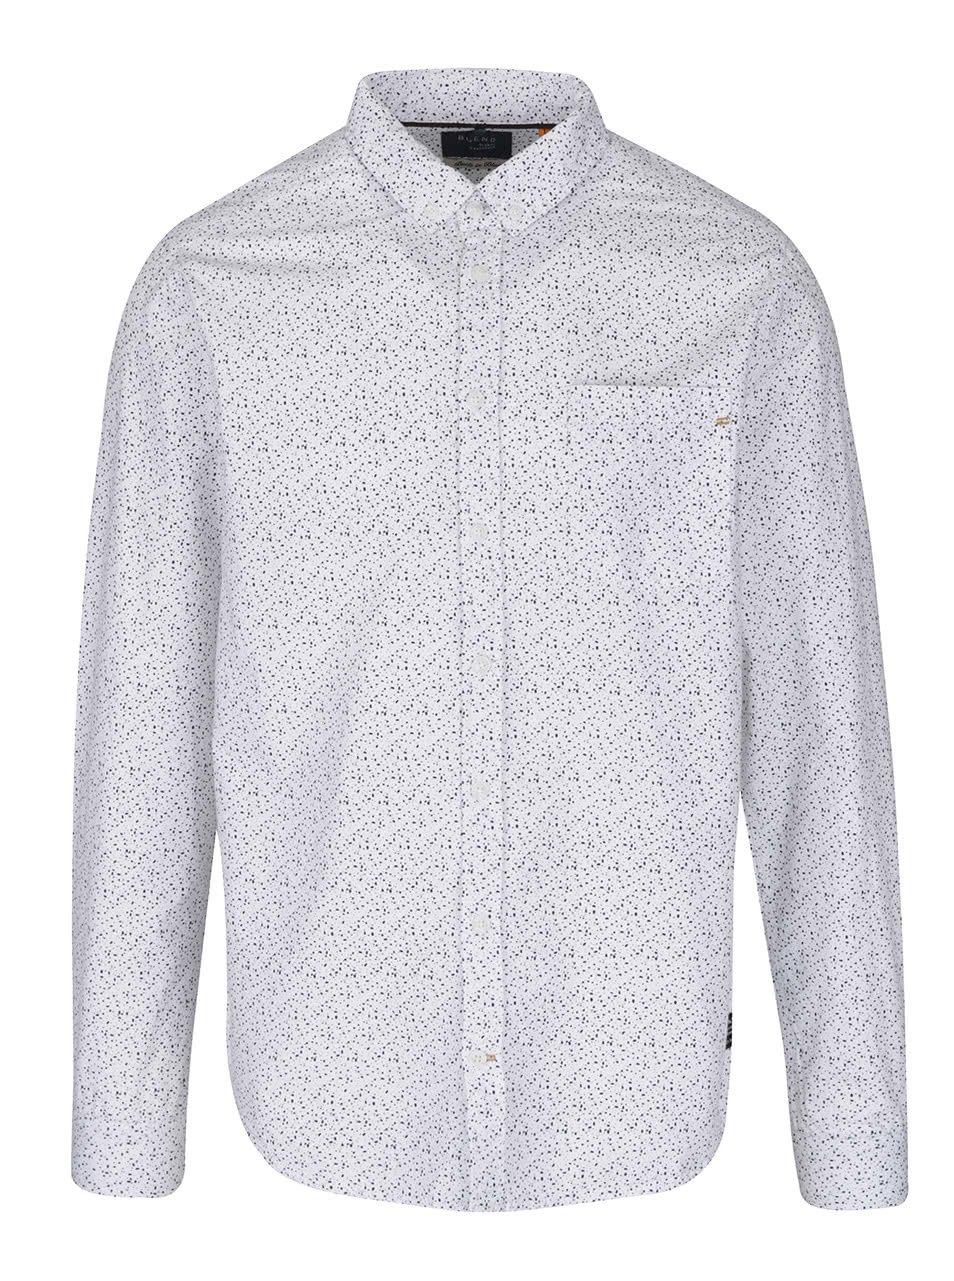 Černo-bílá vzorovaná košile Blend